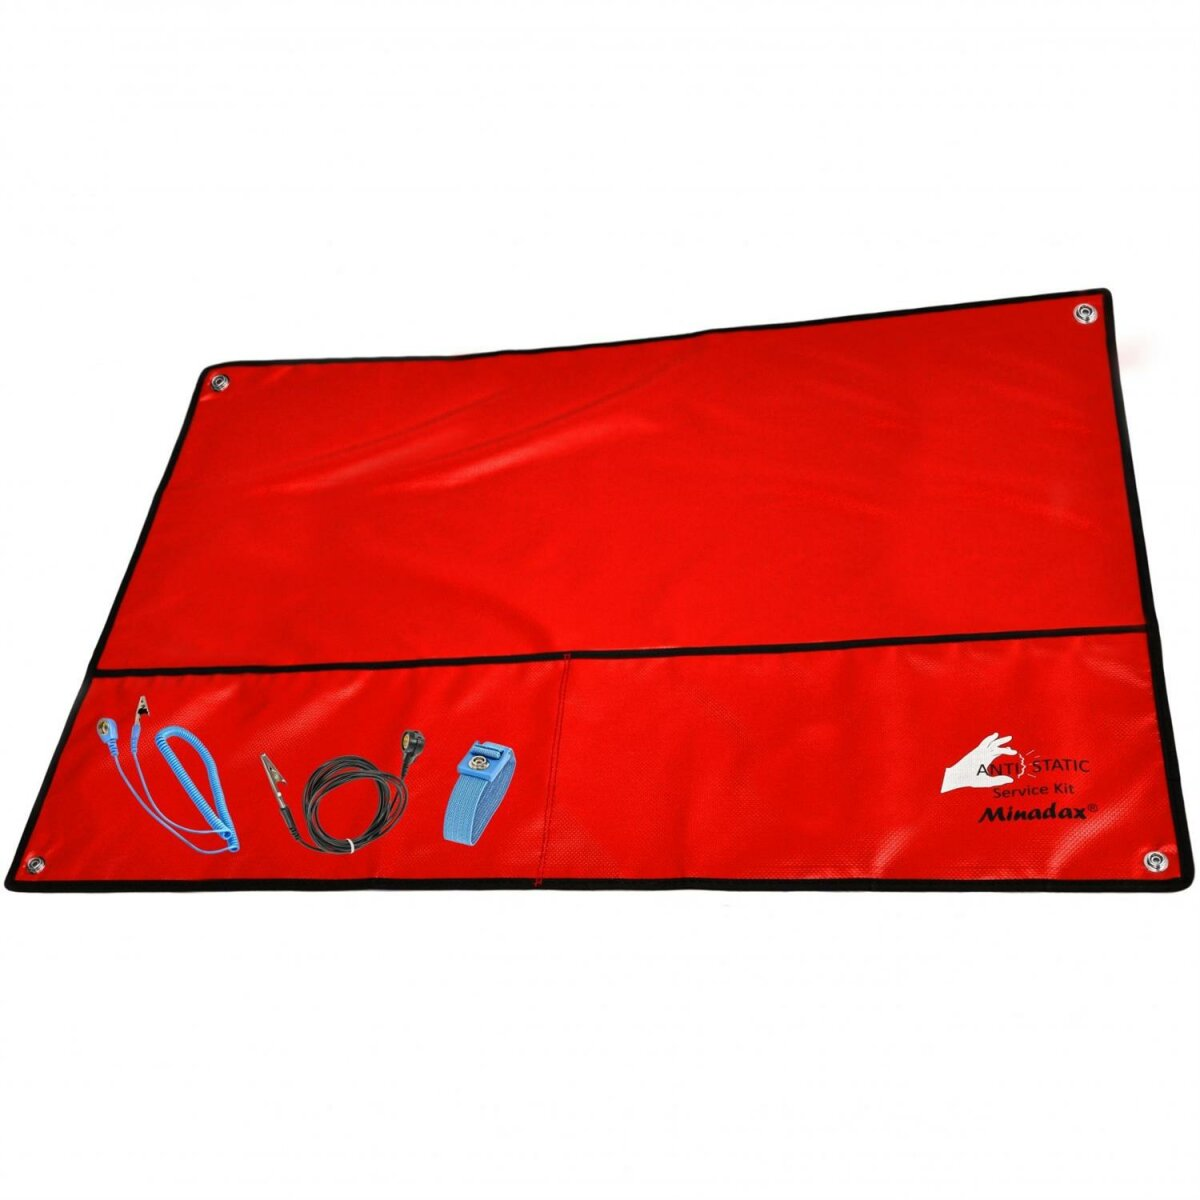 Minadax® XXL 60 x 80cm Antistatikmatte in Rot, 4 Anschluesse, ESD Armband und Erdungskabel - z.B. fuer Arbeiten am PC-Tower